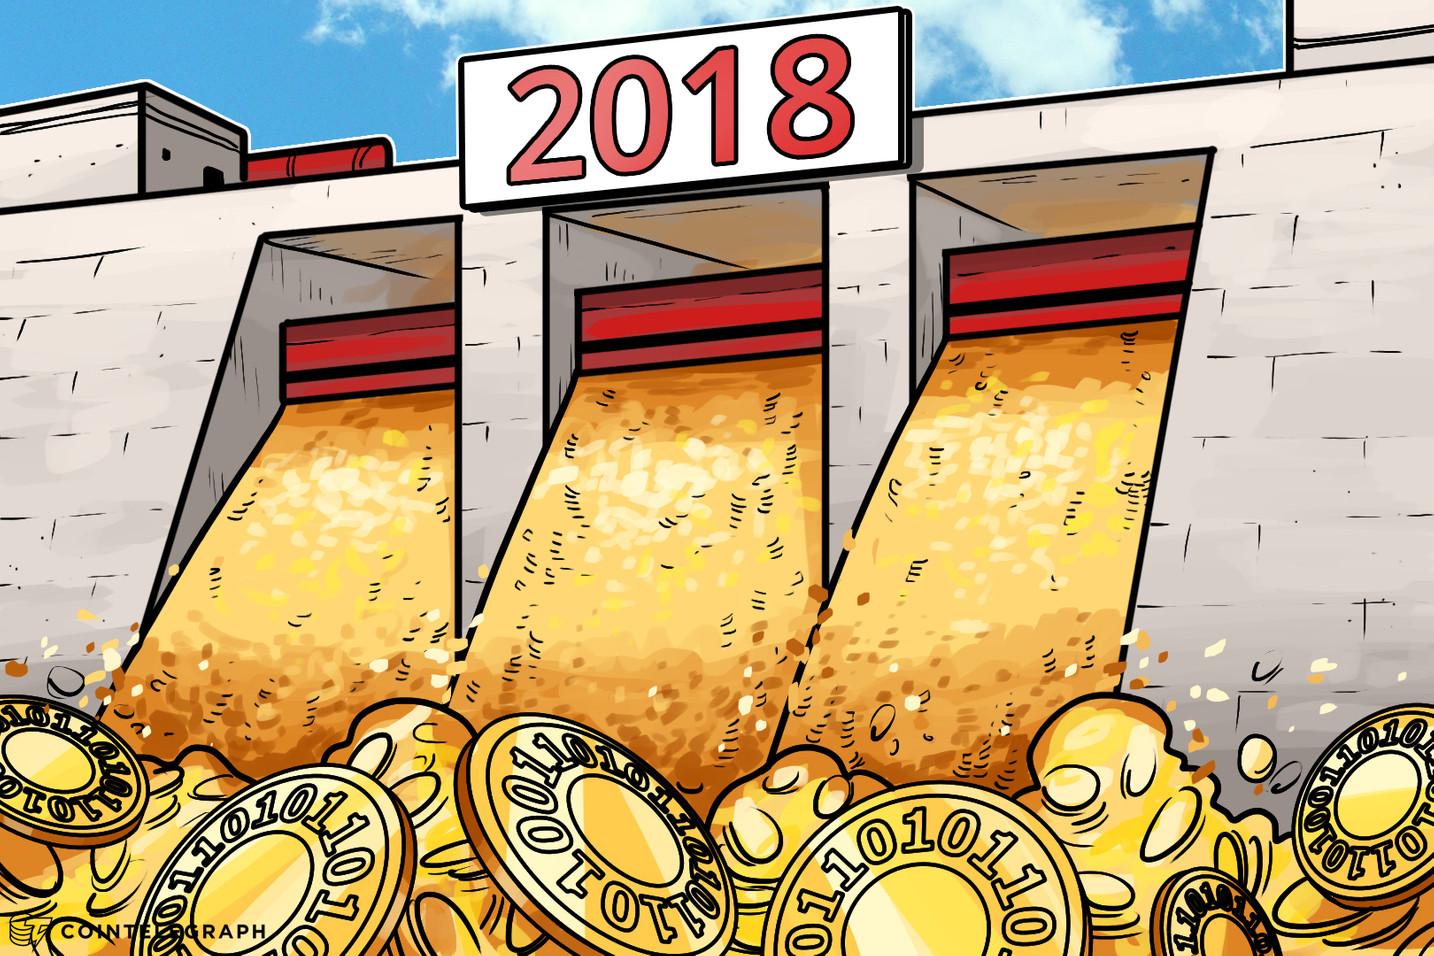 """Inversionistas grandes harán que """"todo el infierno se suelte"""" en cripto en 2018, dice CEO de Abra"""